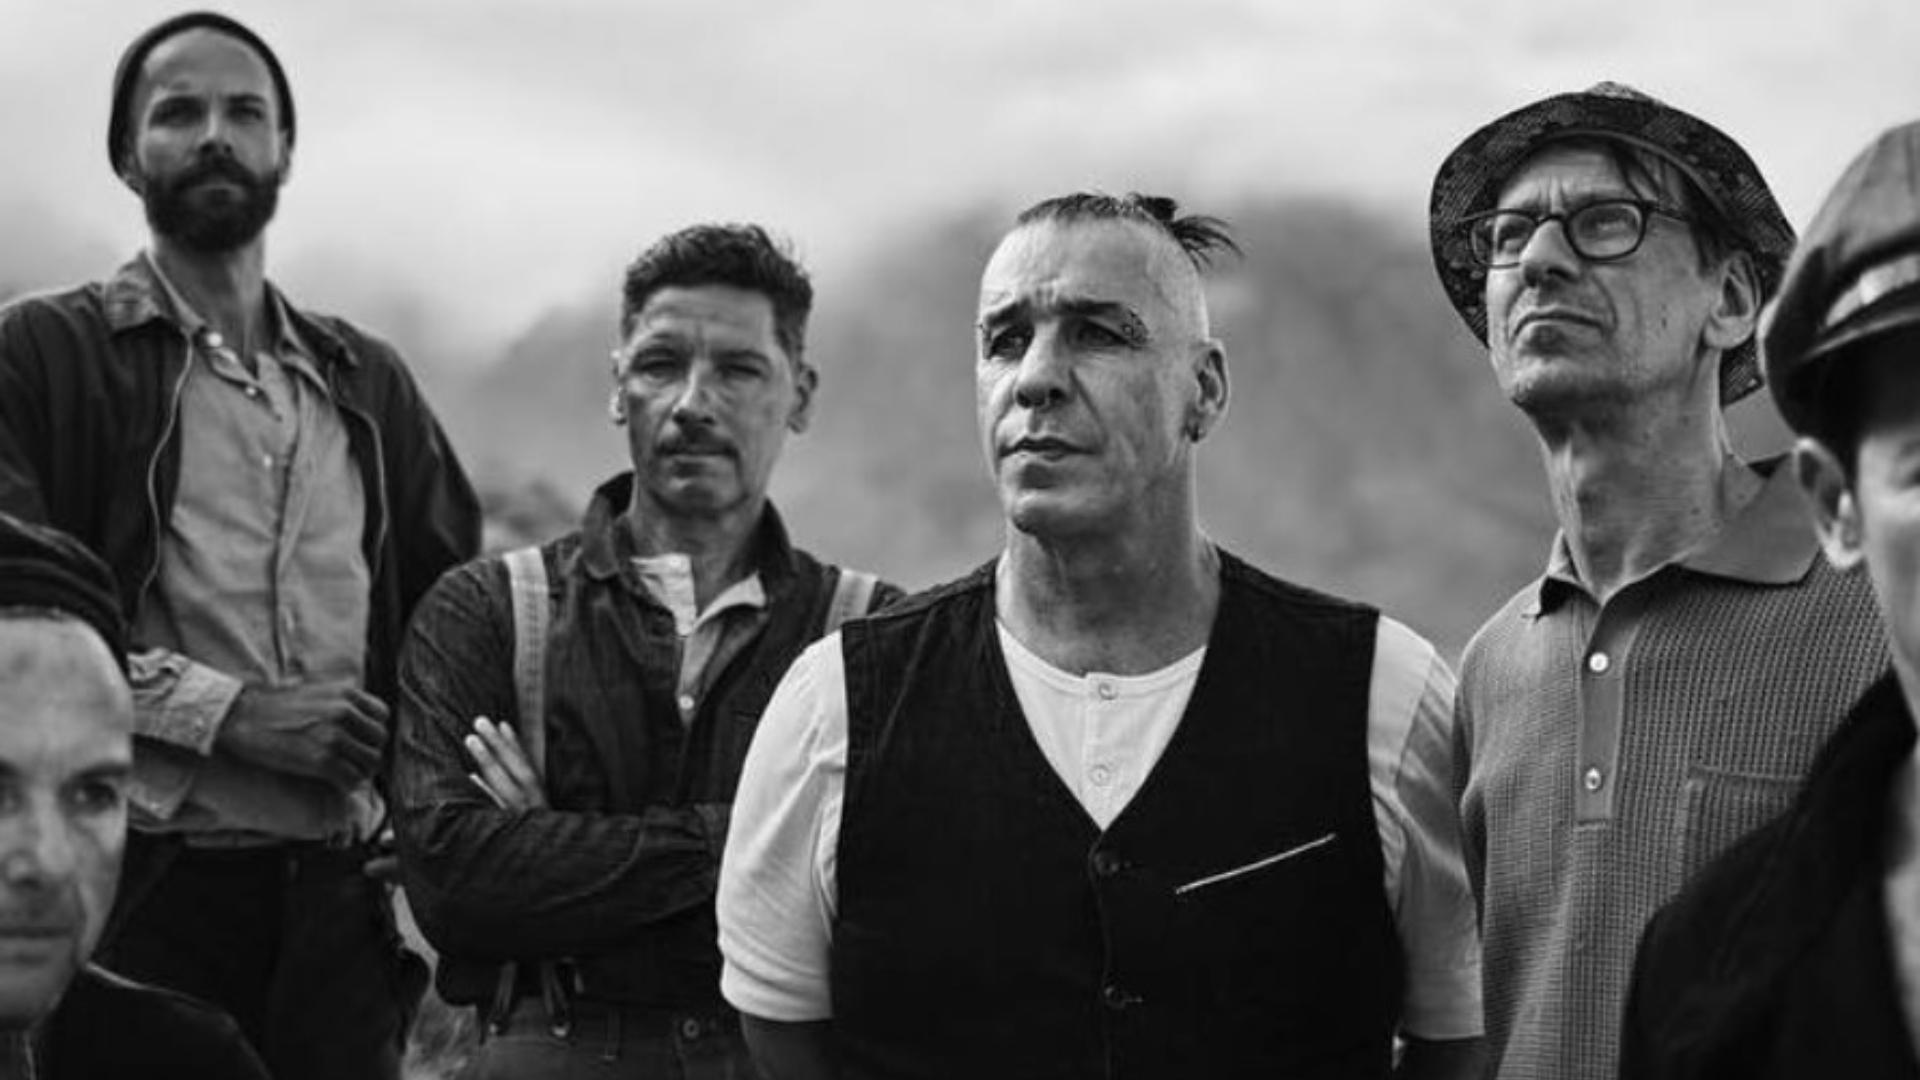 La banda alemana lanzó un nuevo material discográfico minimalista sin título (Foto: Intagram – @rammstein)